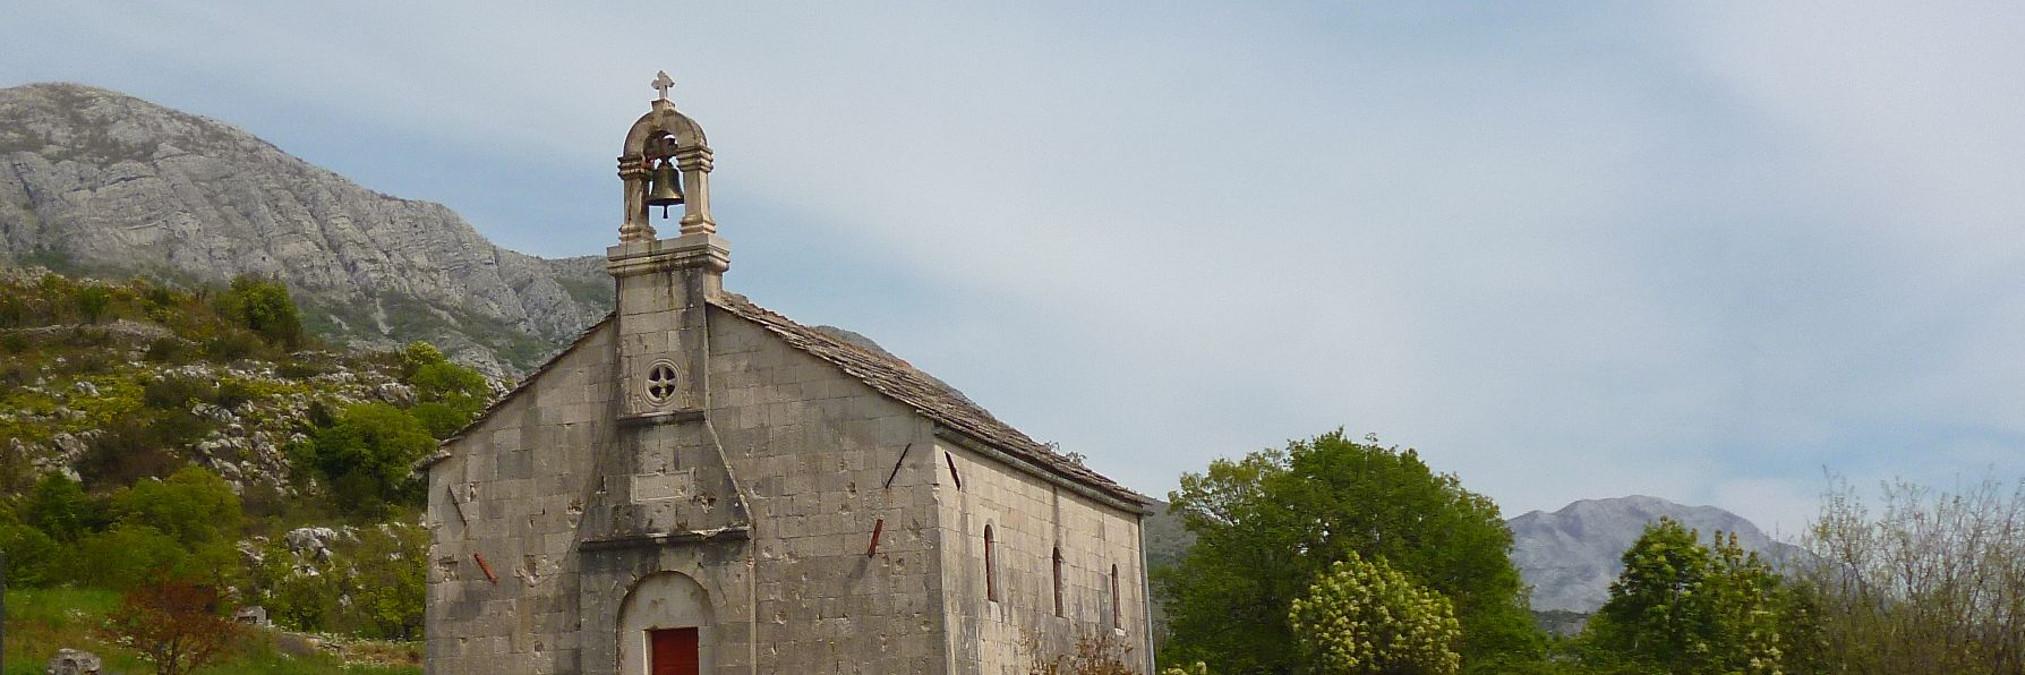 Церковь св. архангела Михаила в Величанах